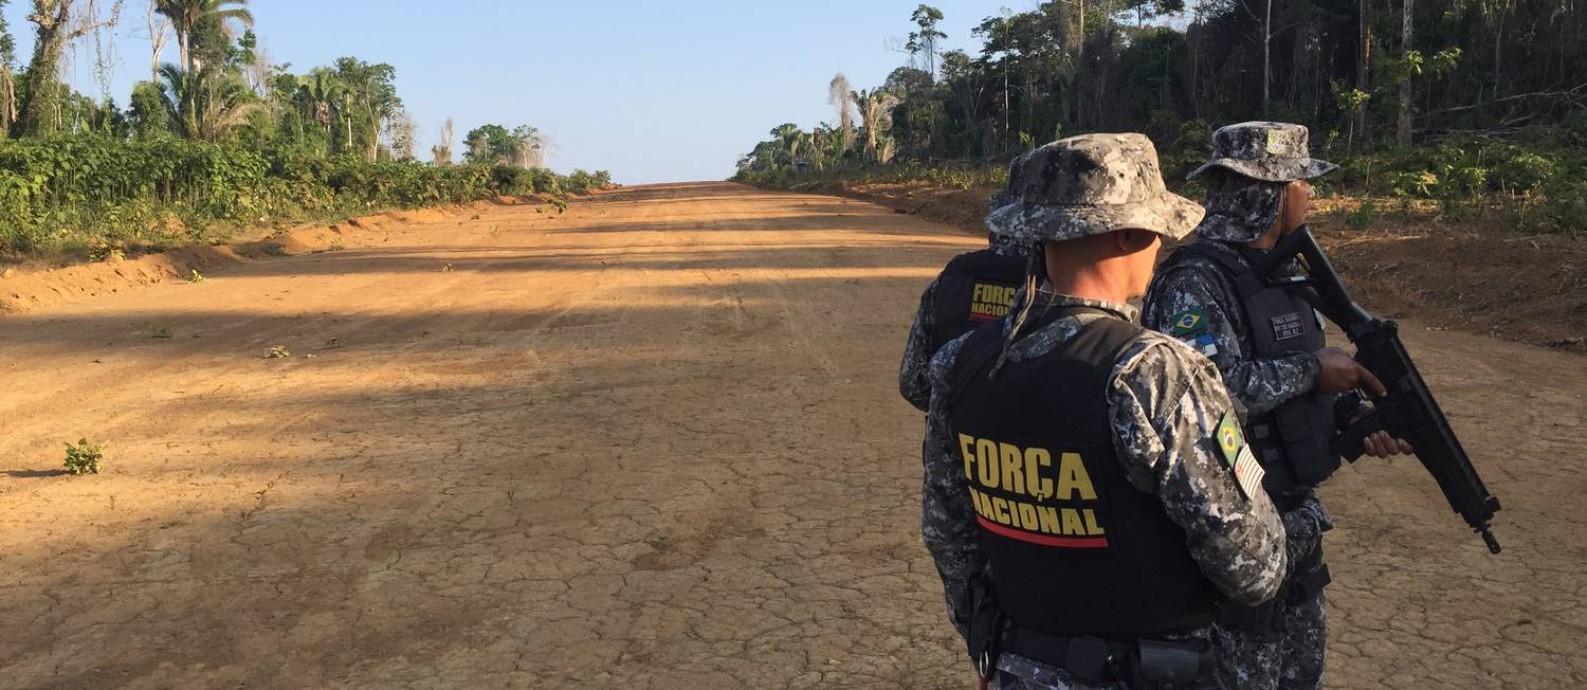 Agentes da Força Nacional deram apoio a operação do Ibama no território indígena Ituna Itatá, no sudeste do Pará Foto: Marco Grillo